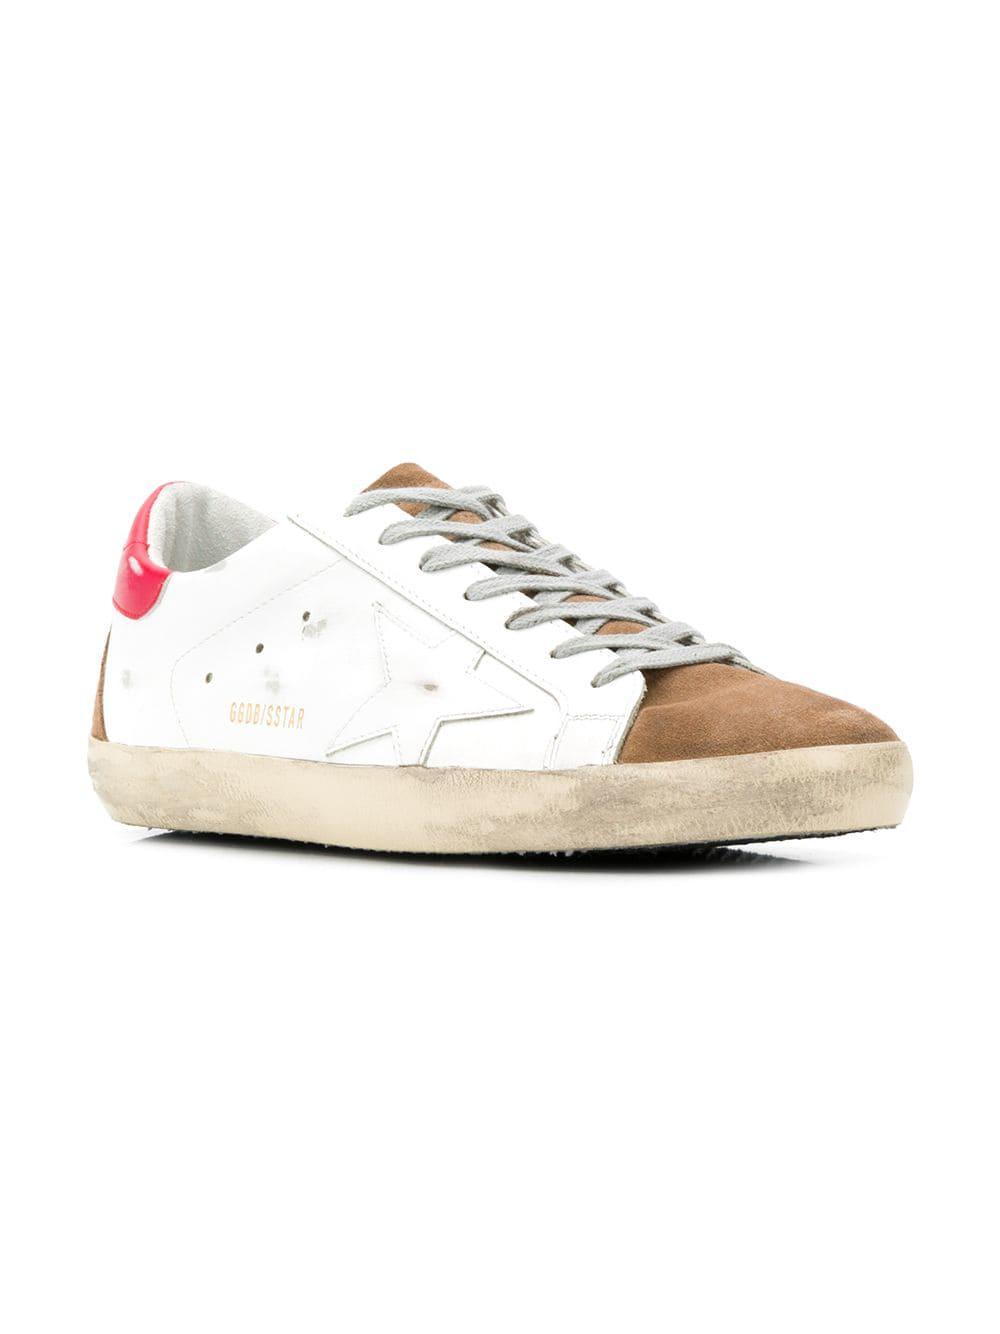 dd7b05f9f1294 Golden Goose Deluxe Brand - White Superstar Sneakers for Men - Lyst. View  fullscreen